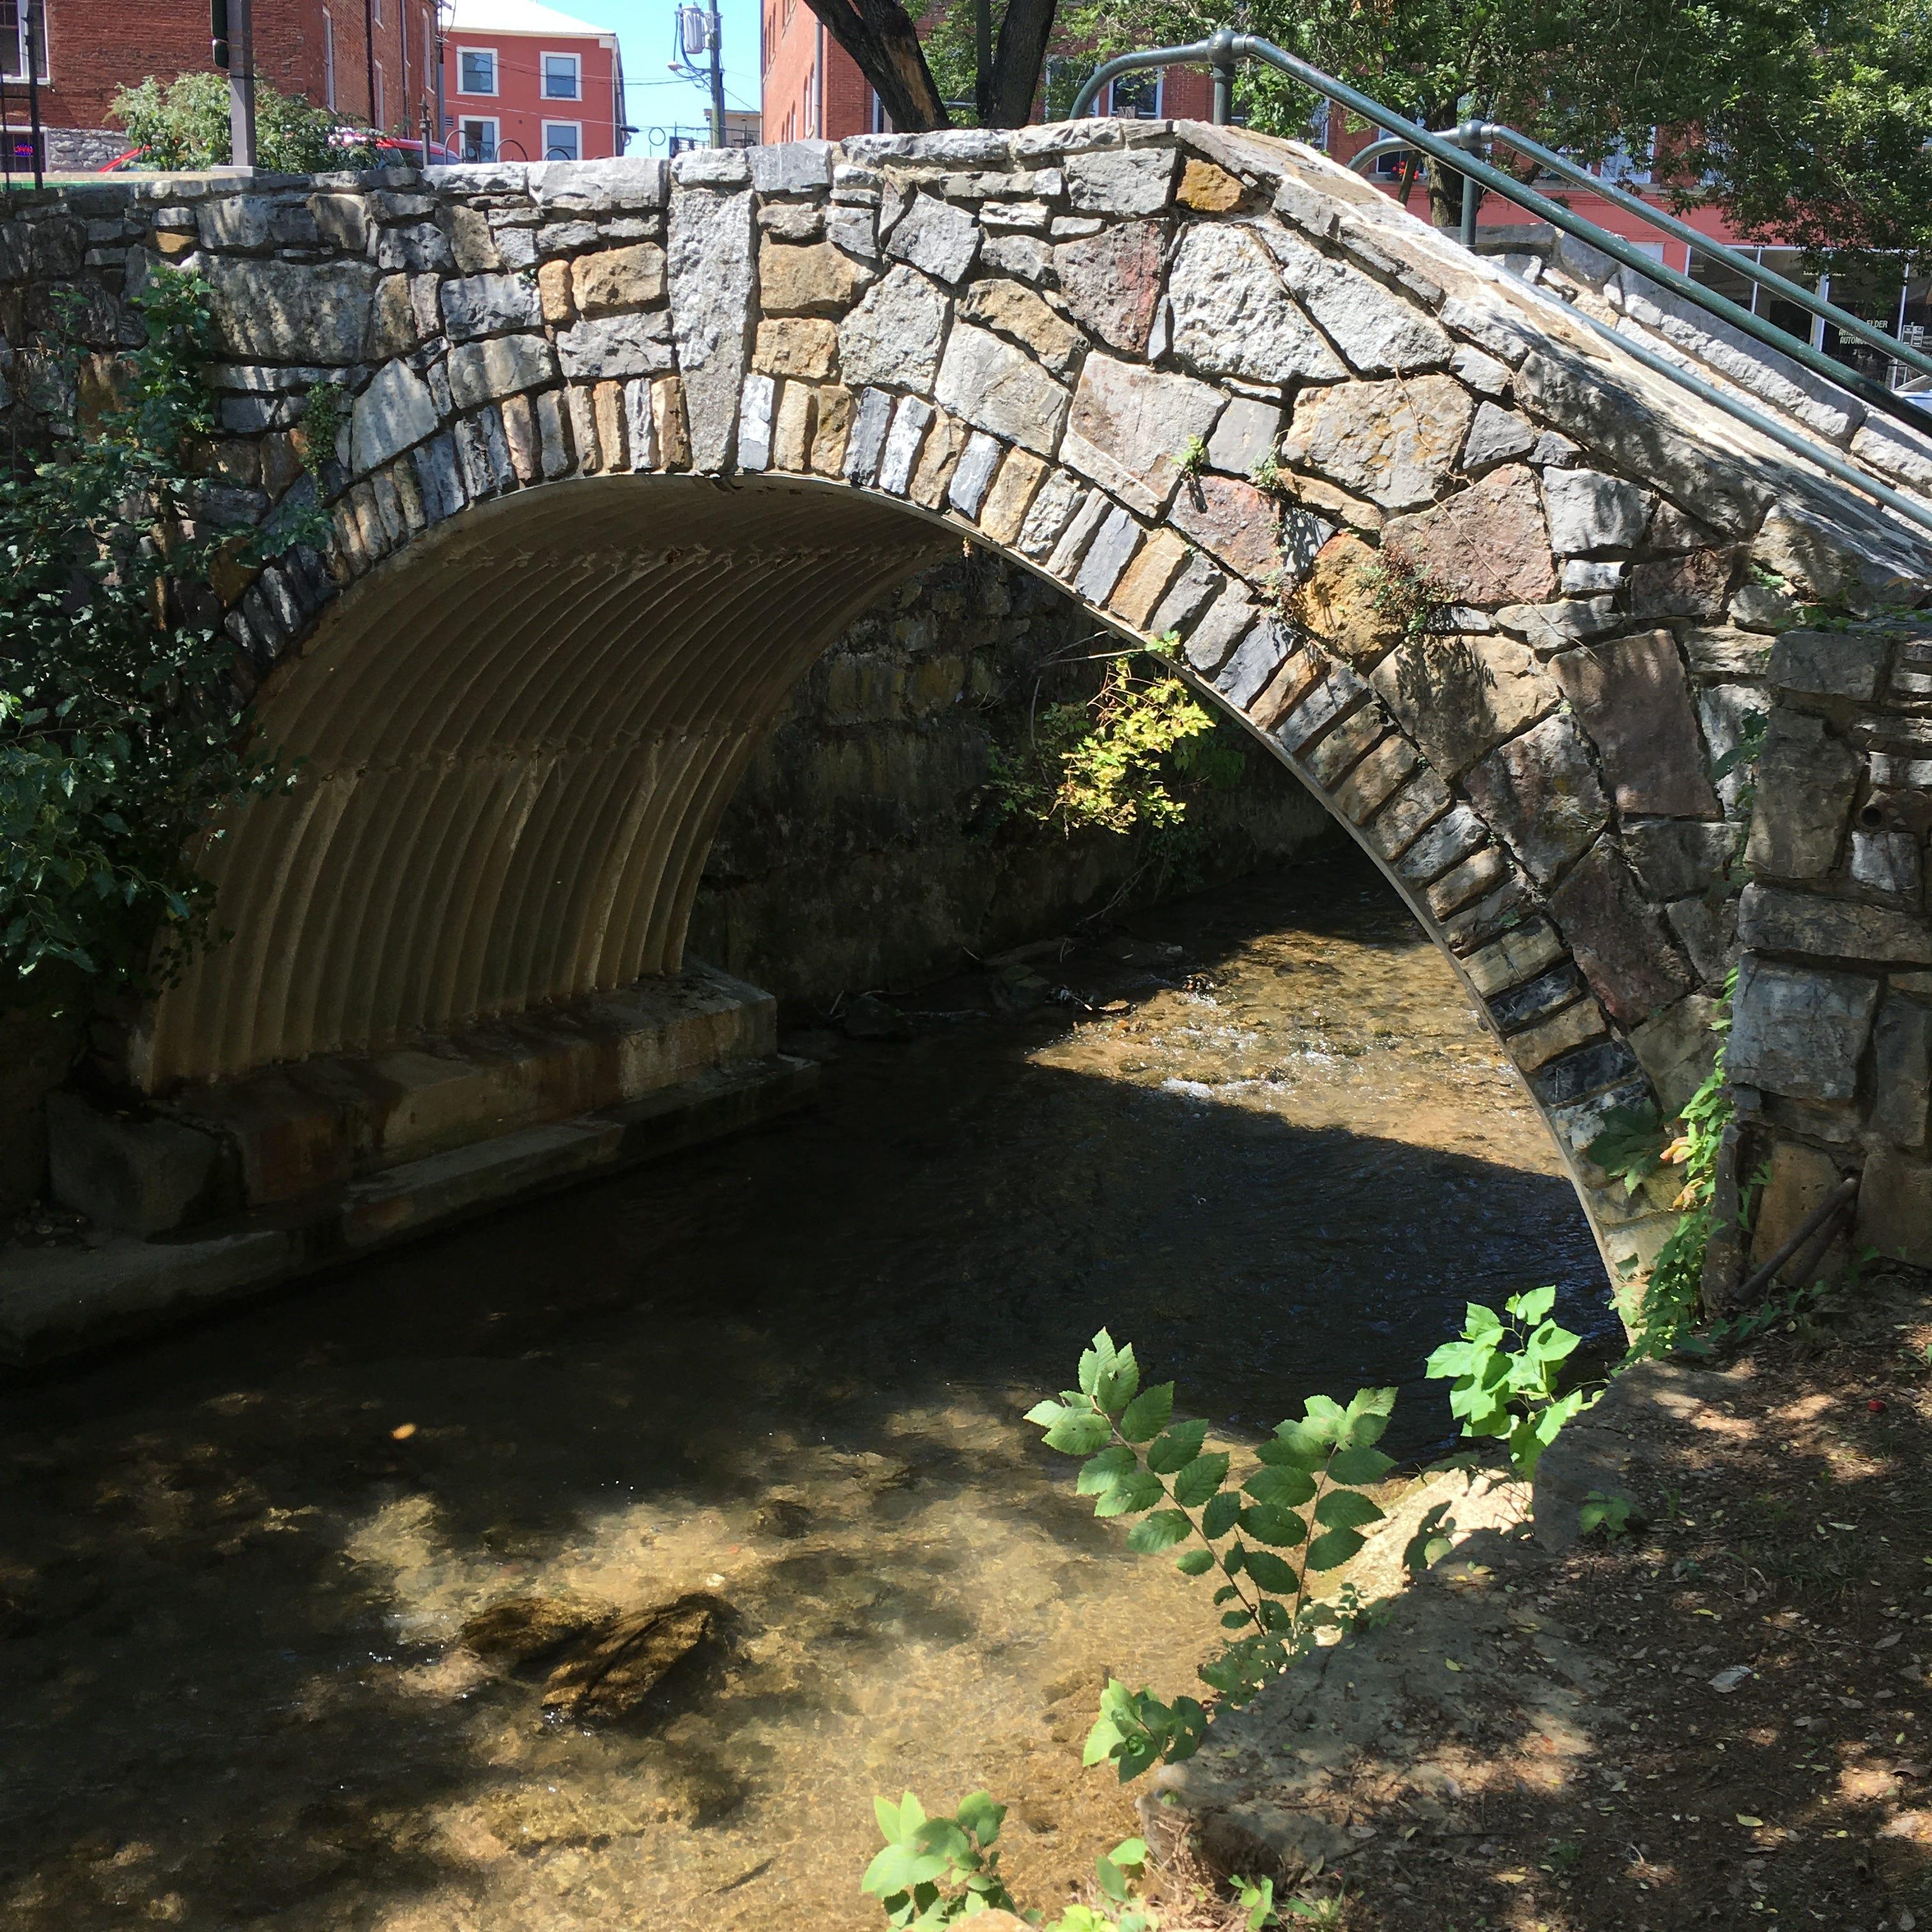 The bridge at Lewis Creek in Staunton, Virginia.